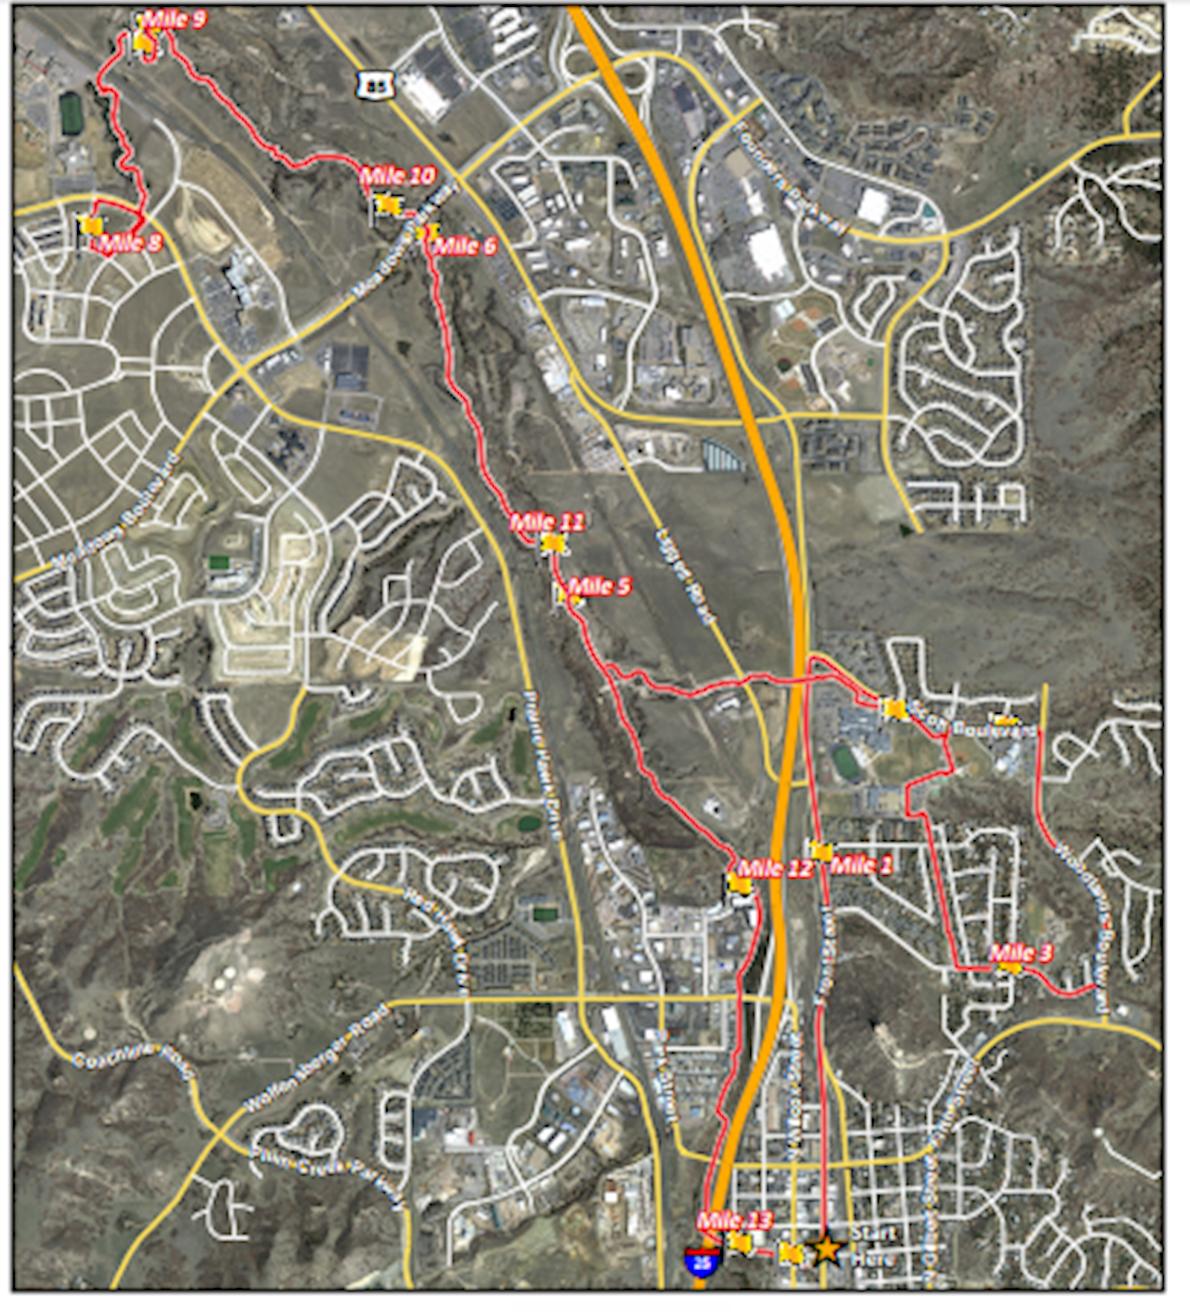 Castle Rock Half Marathon MAPA DEL RECORRIDO DE